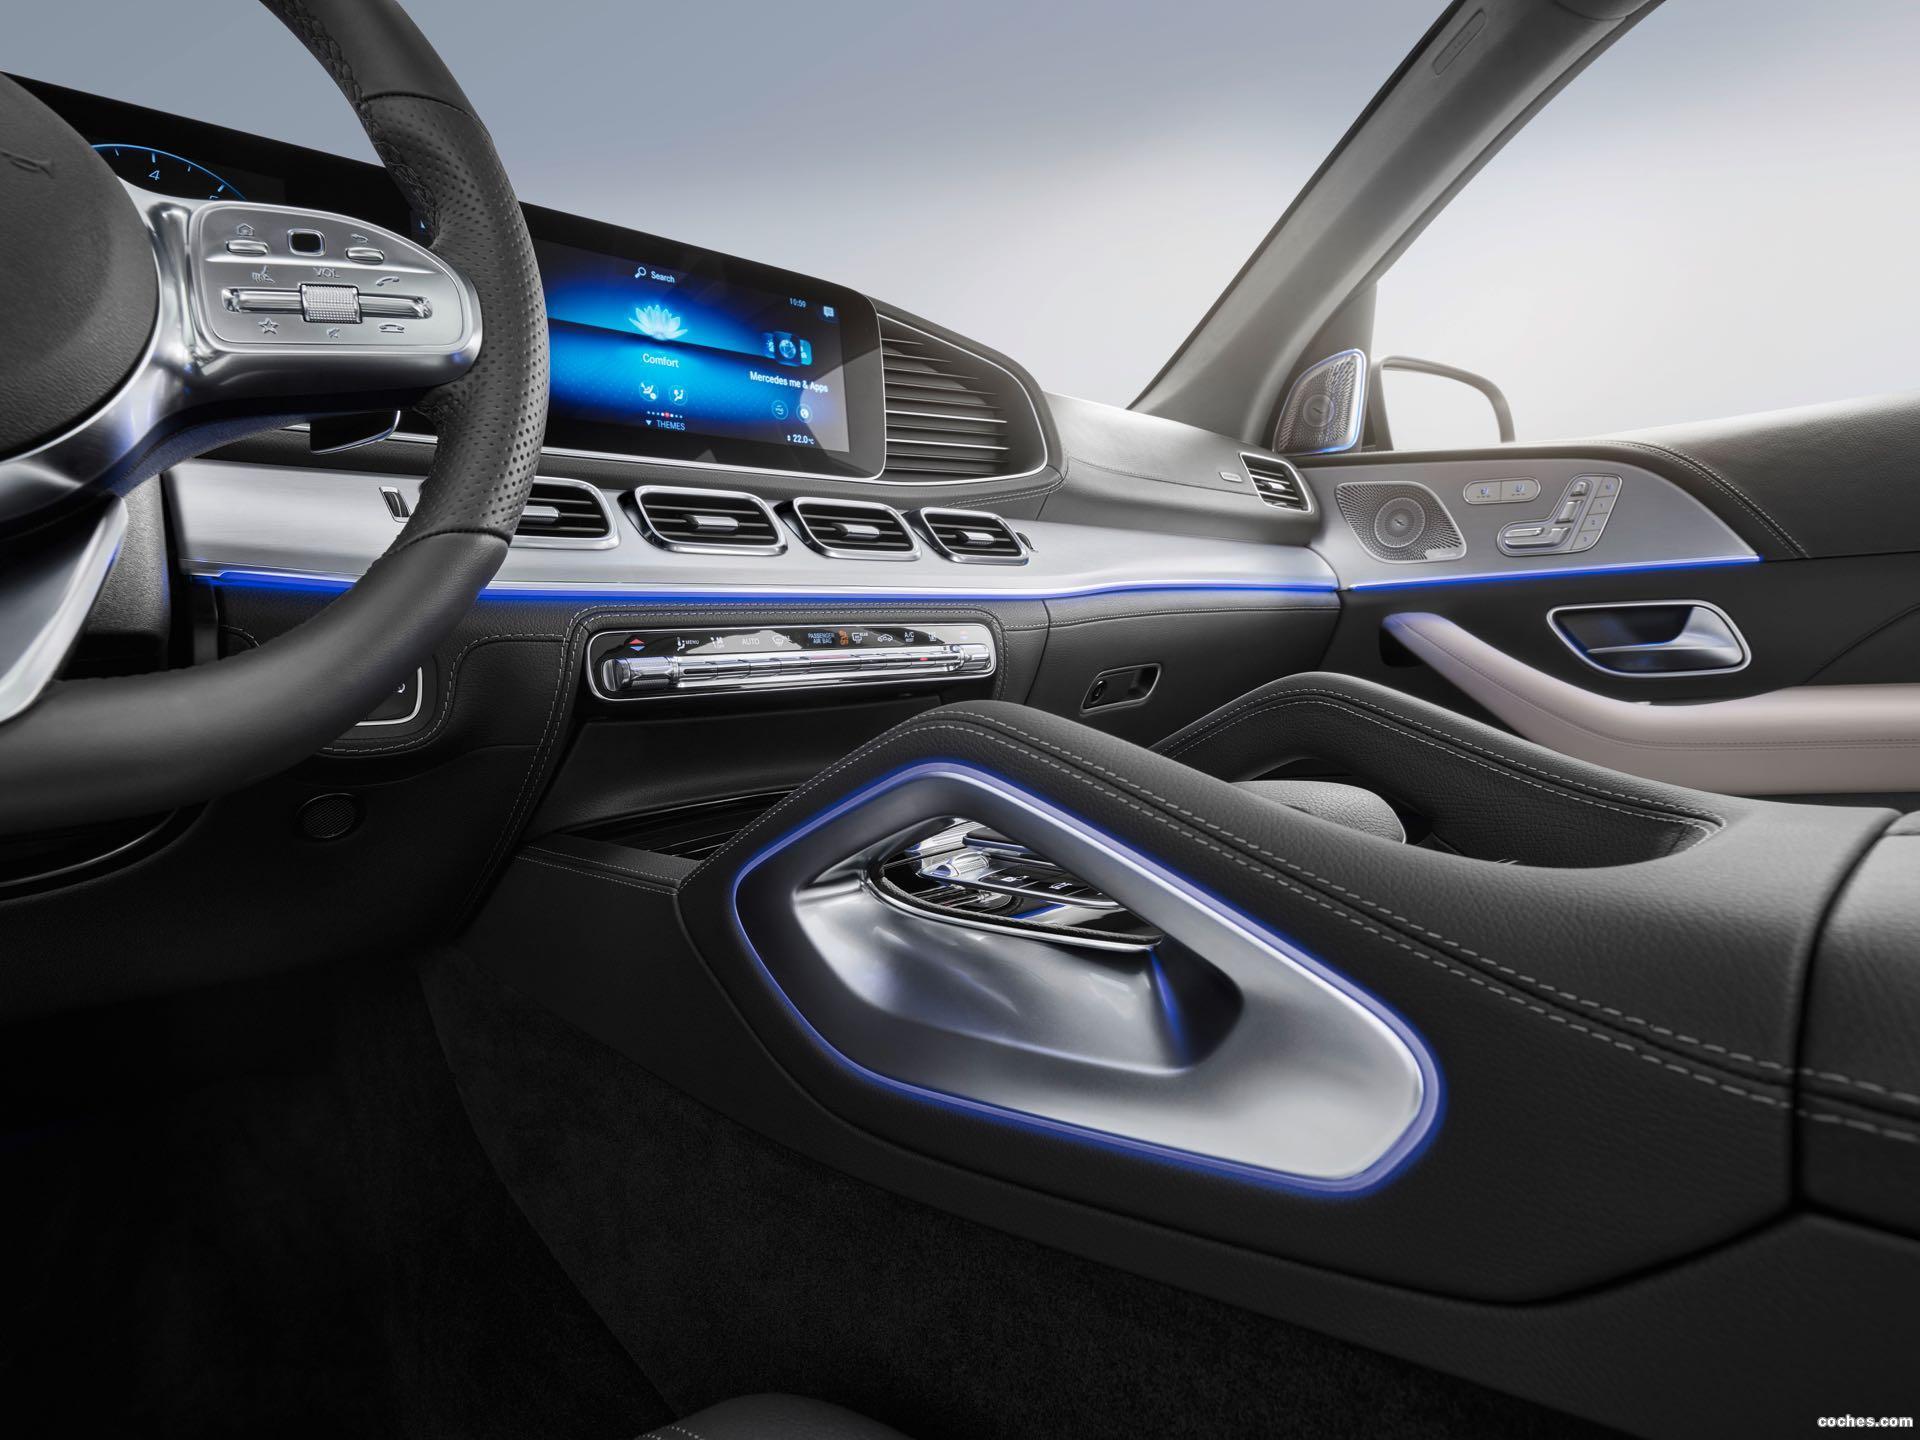 Foto 58 de Mercedes GLE 450 4MATIC 2019